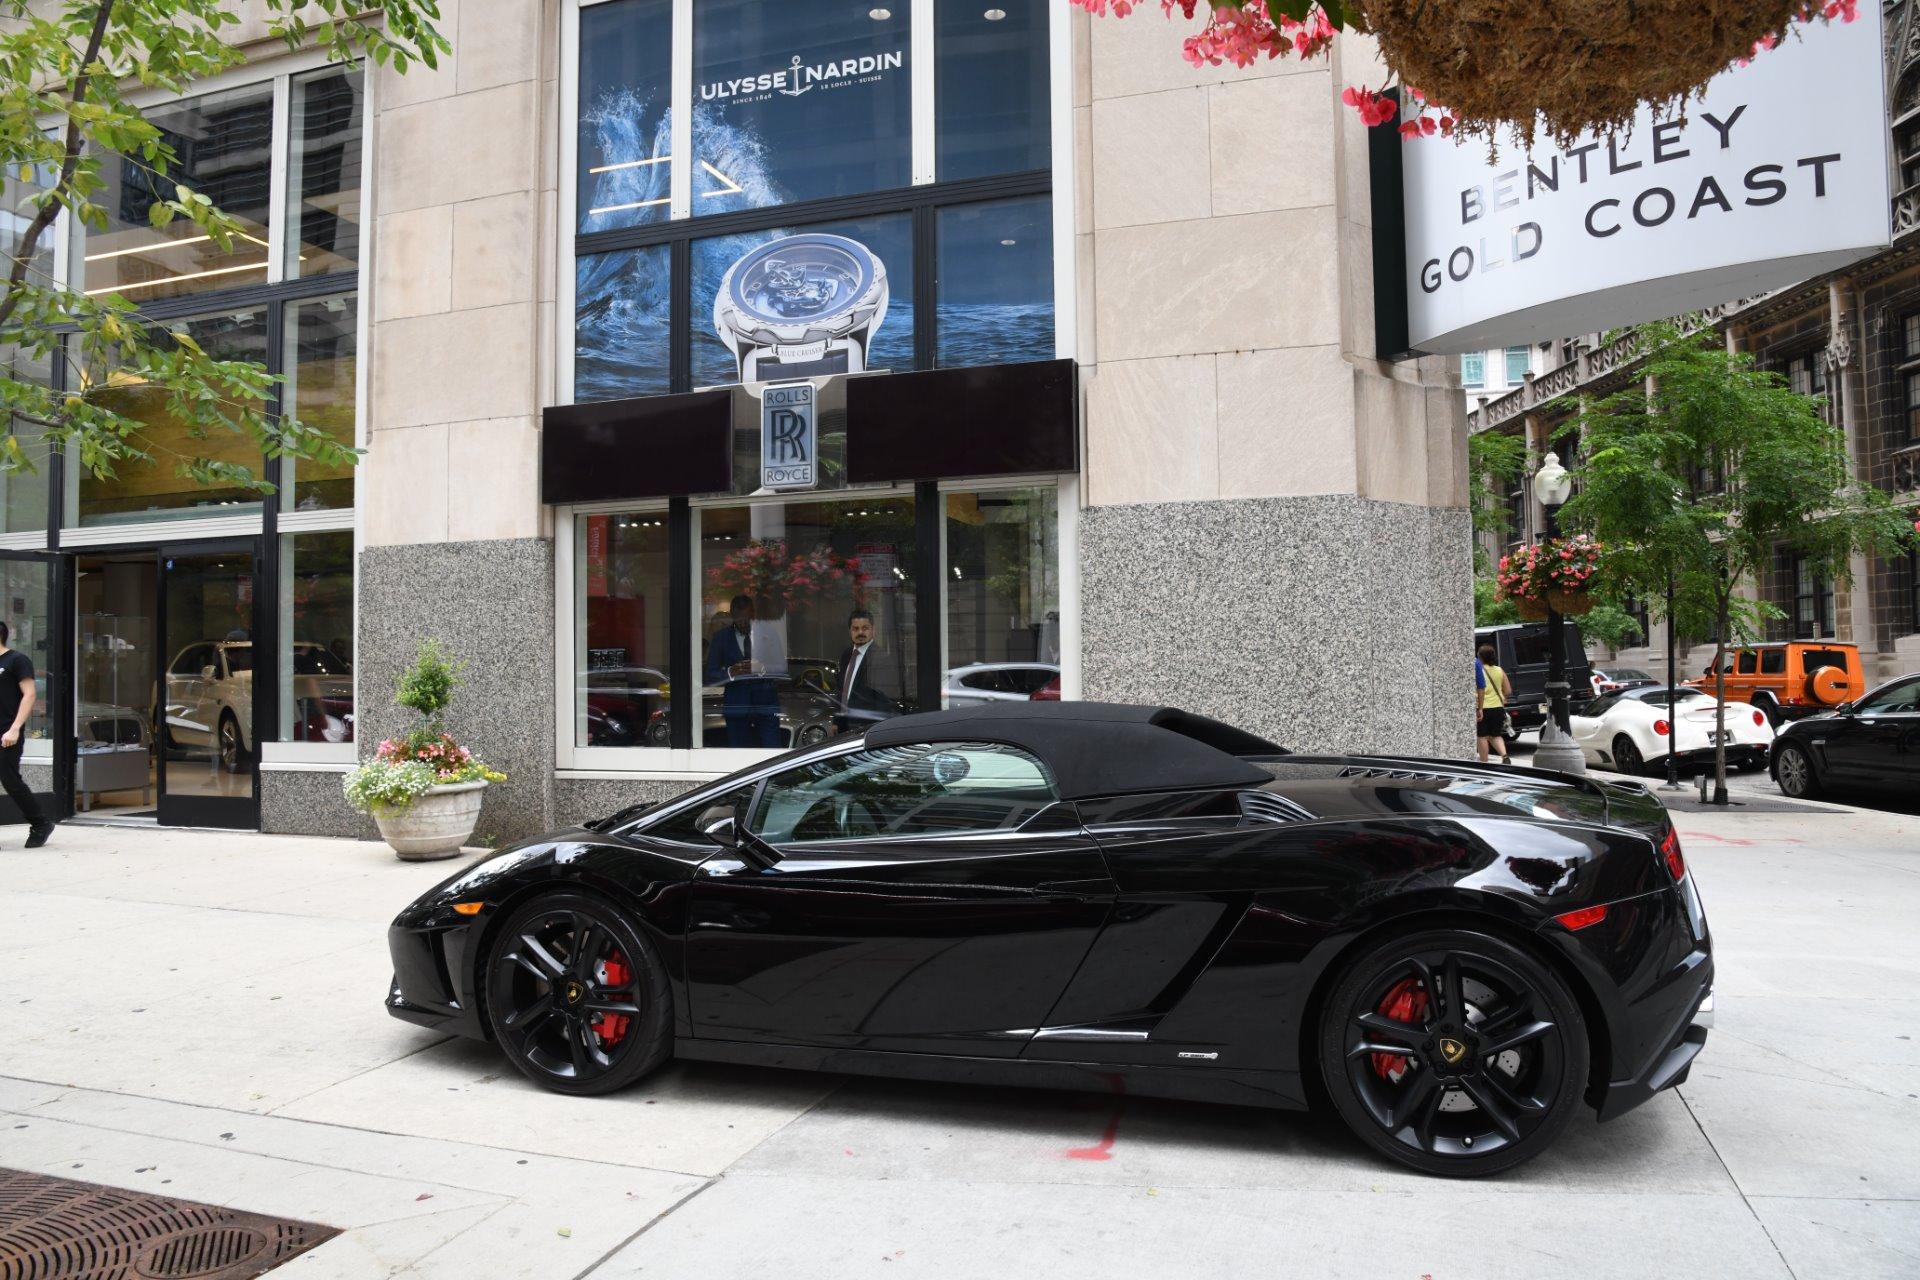 Used 2013 Lamborghini Gallardo Spyder LP 560-4 Spyder | Chicago, IL